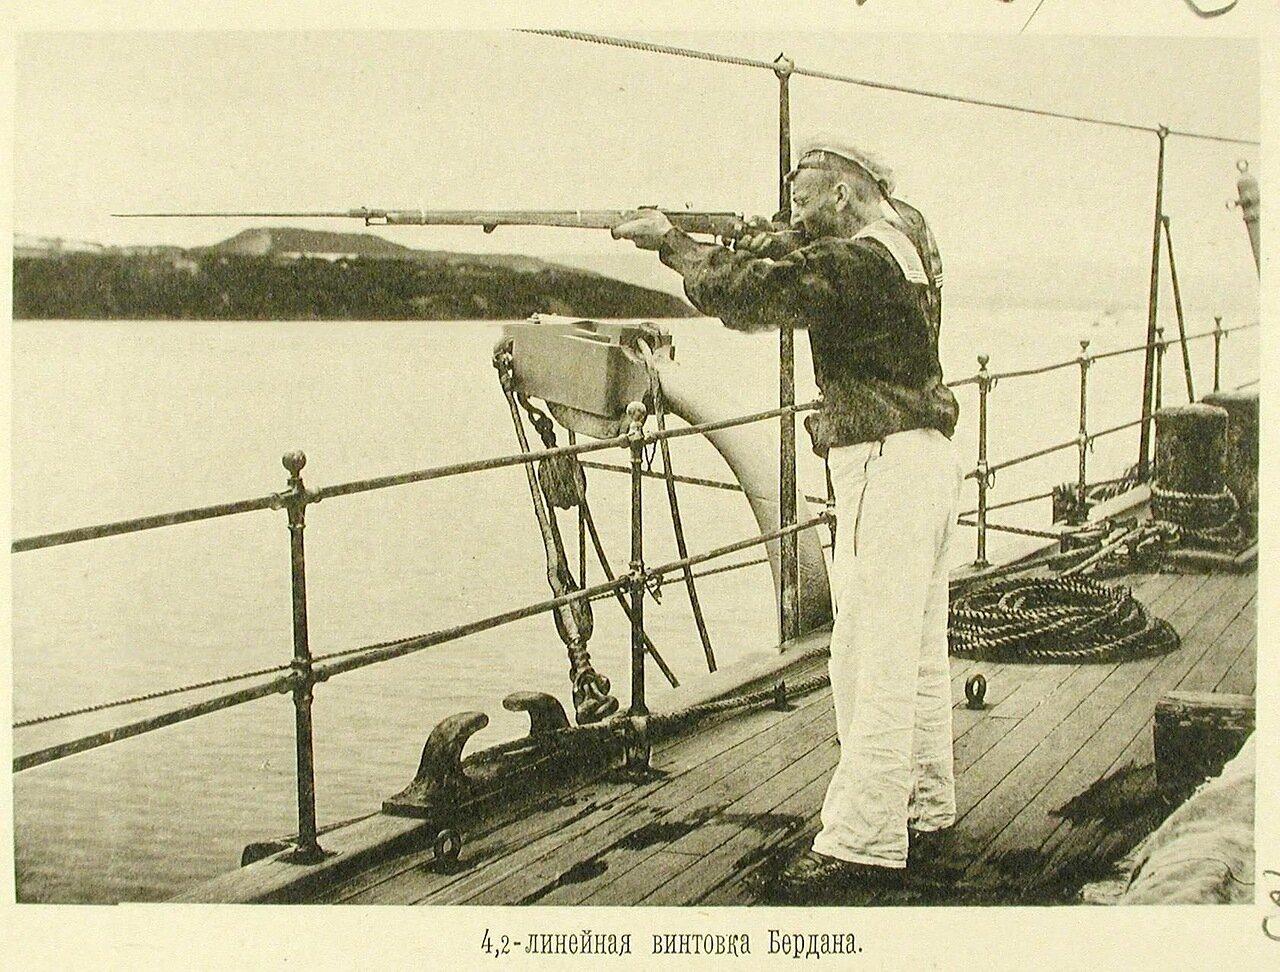 109. Матрос одного из крейсеров эскадры стреляет из 4,2-линейной винтовки Бердана